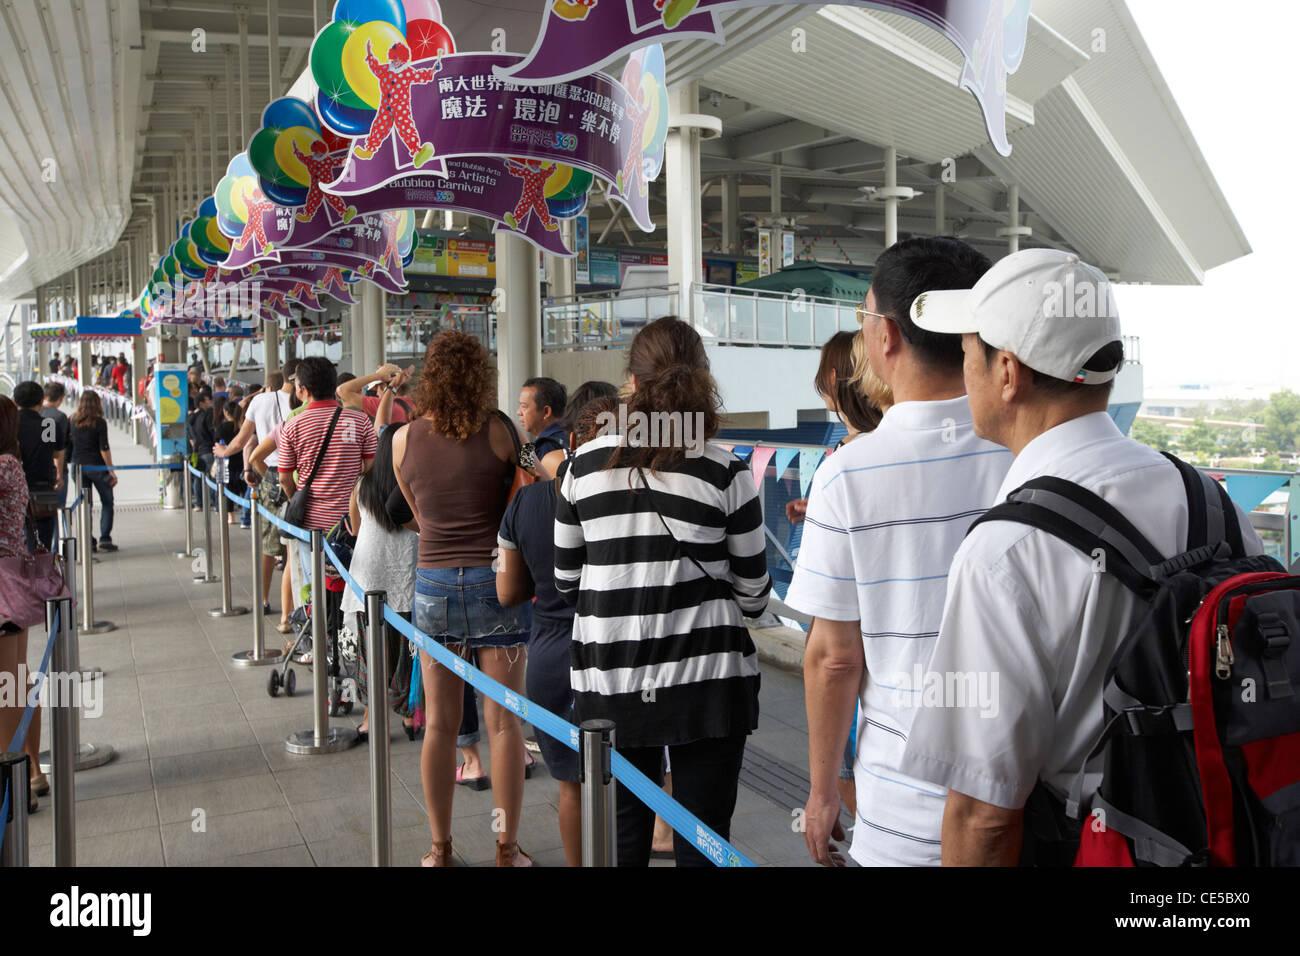 people queuing at the entrance to the ngong ping 360 cable car tung chung lantau island hong kong hksar china asia - Stock Image